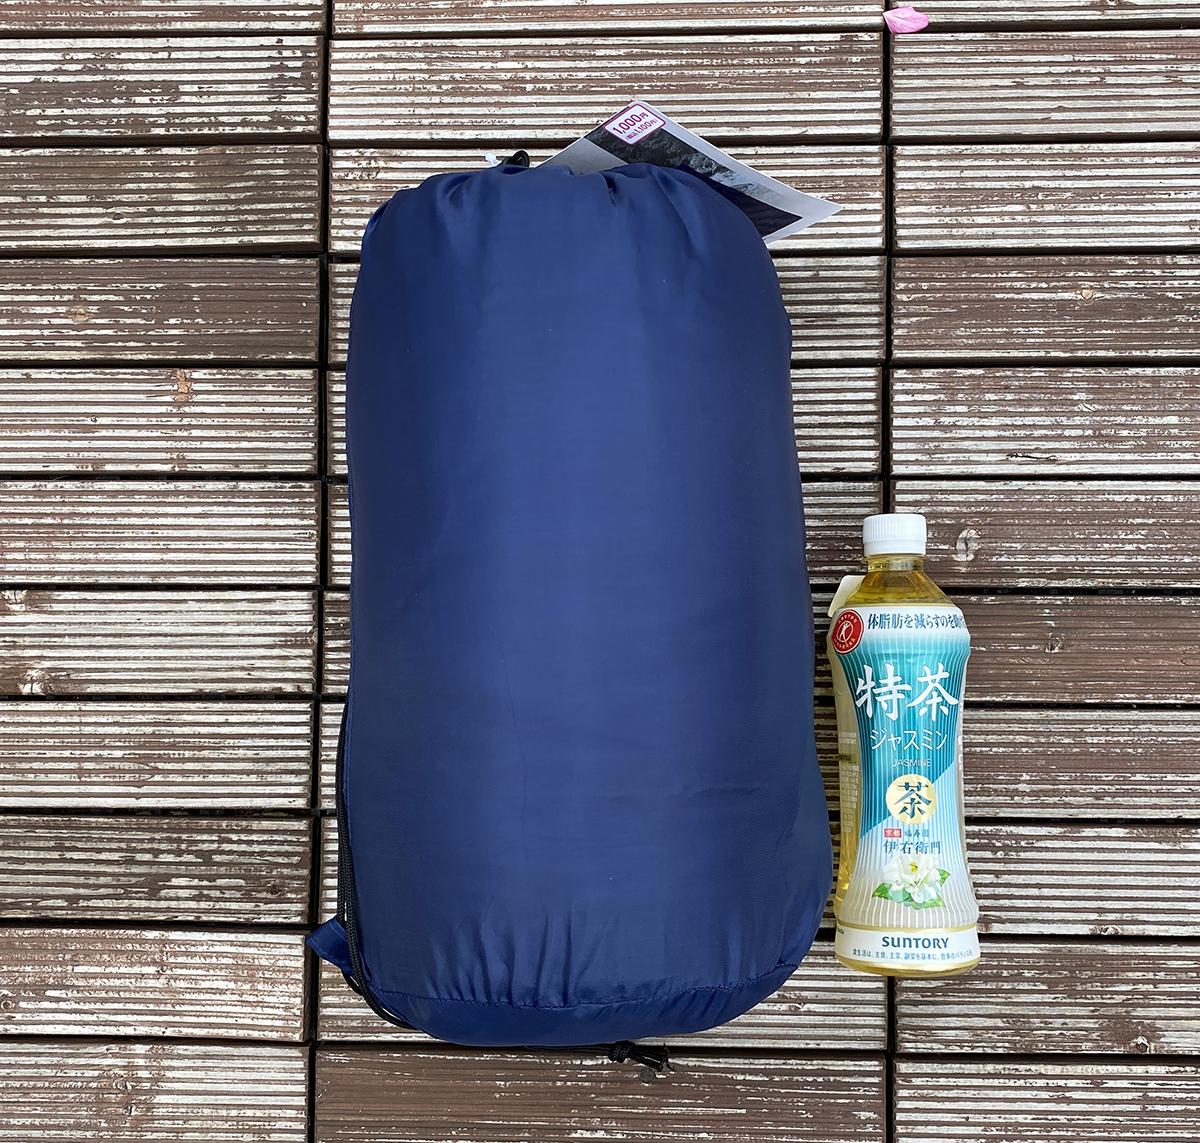 Chúng tôi thử túi ngủ mới của Daiso để xem liệu nó có thể mang lại sự thoải mái tối đa hay không - Ảnh 1.